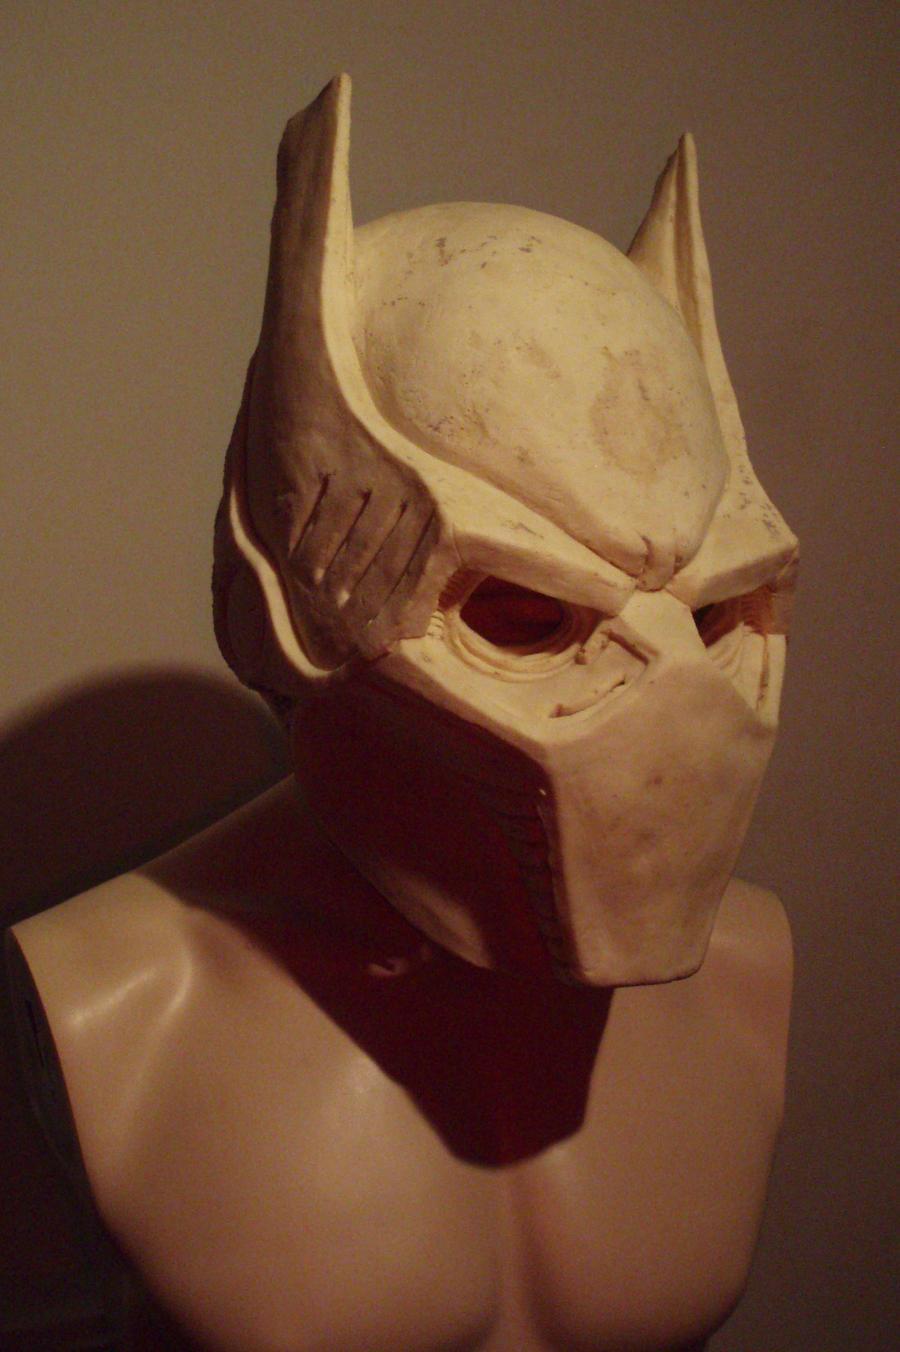 Batman consept mask by lionback